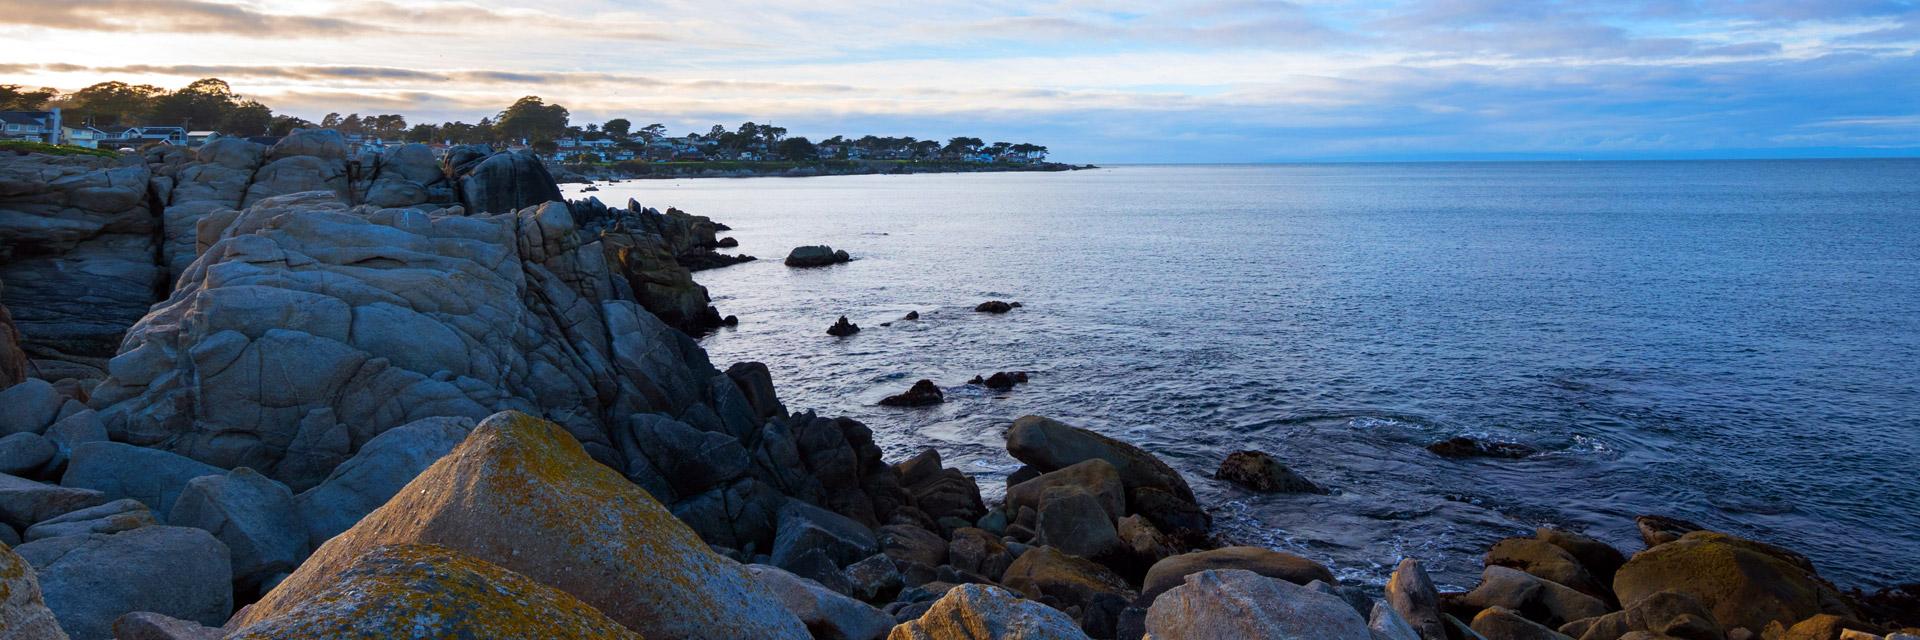 Innsider Offers At Wave Street Inn Monterey California